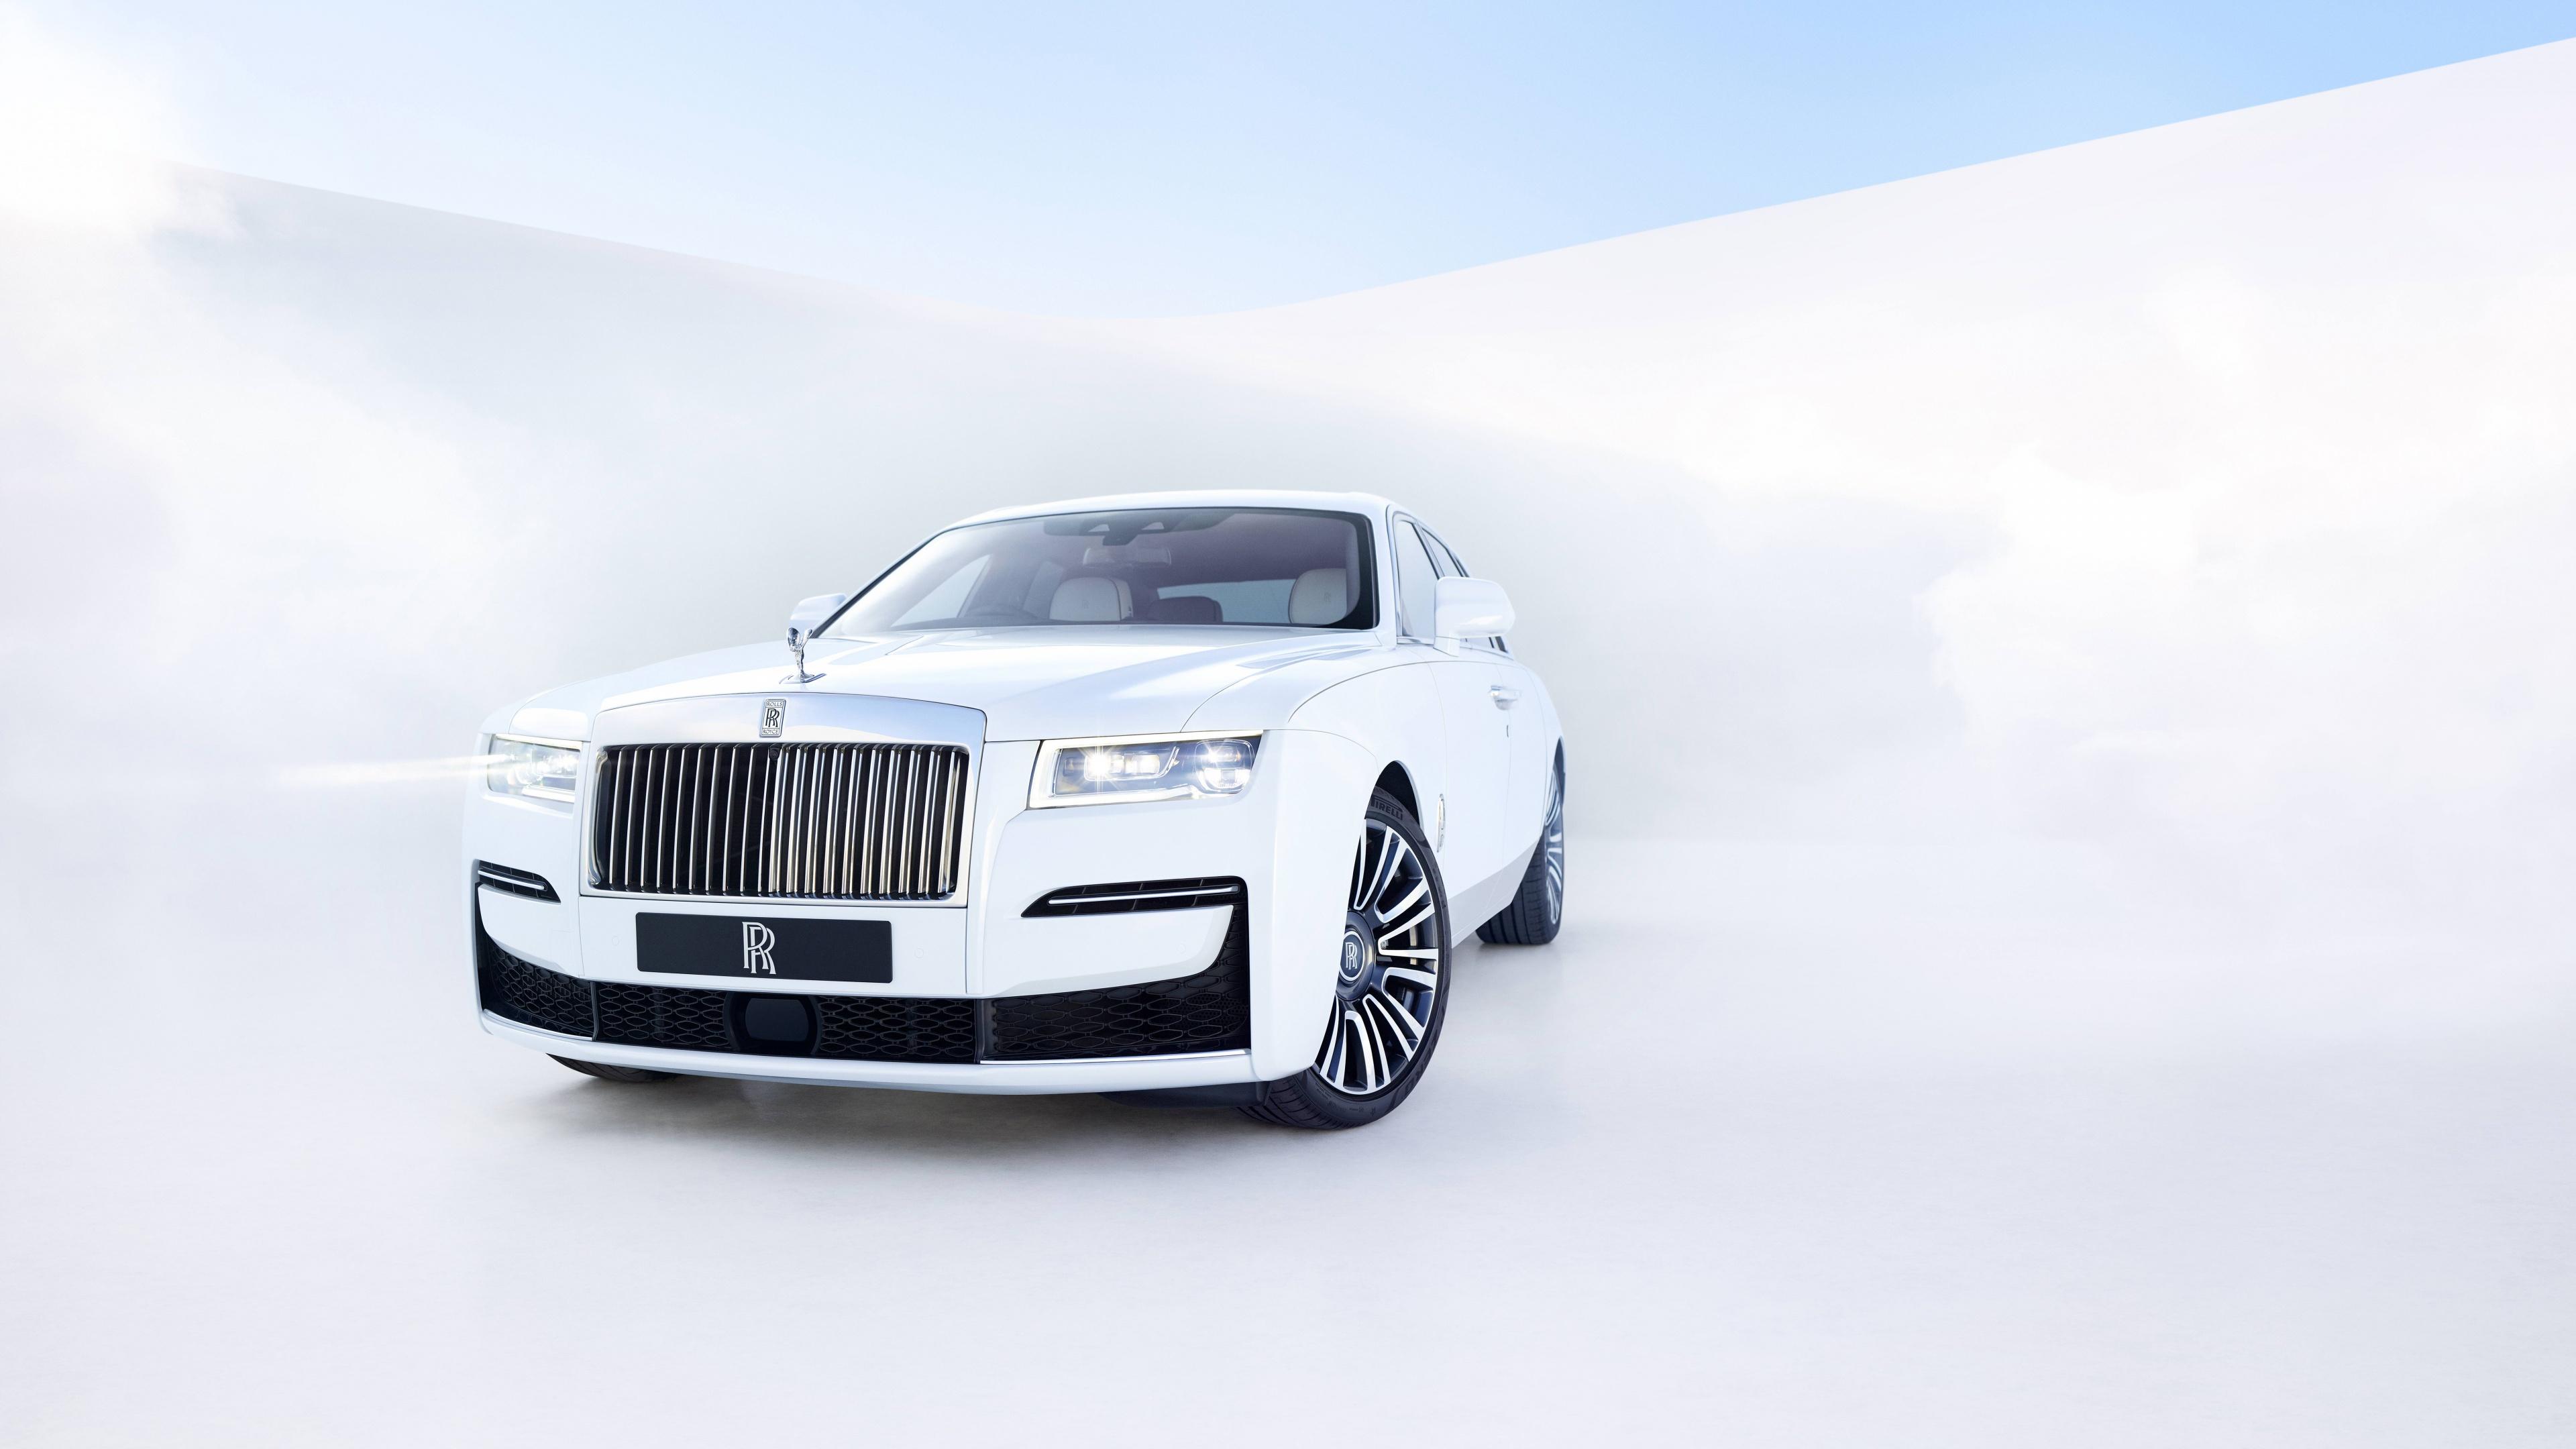 Rolls Royce Ghost 4k Wallpaper 2020 White Background 5k 8k Cars 2554